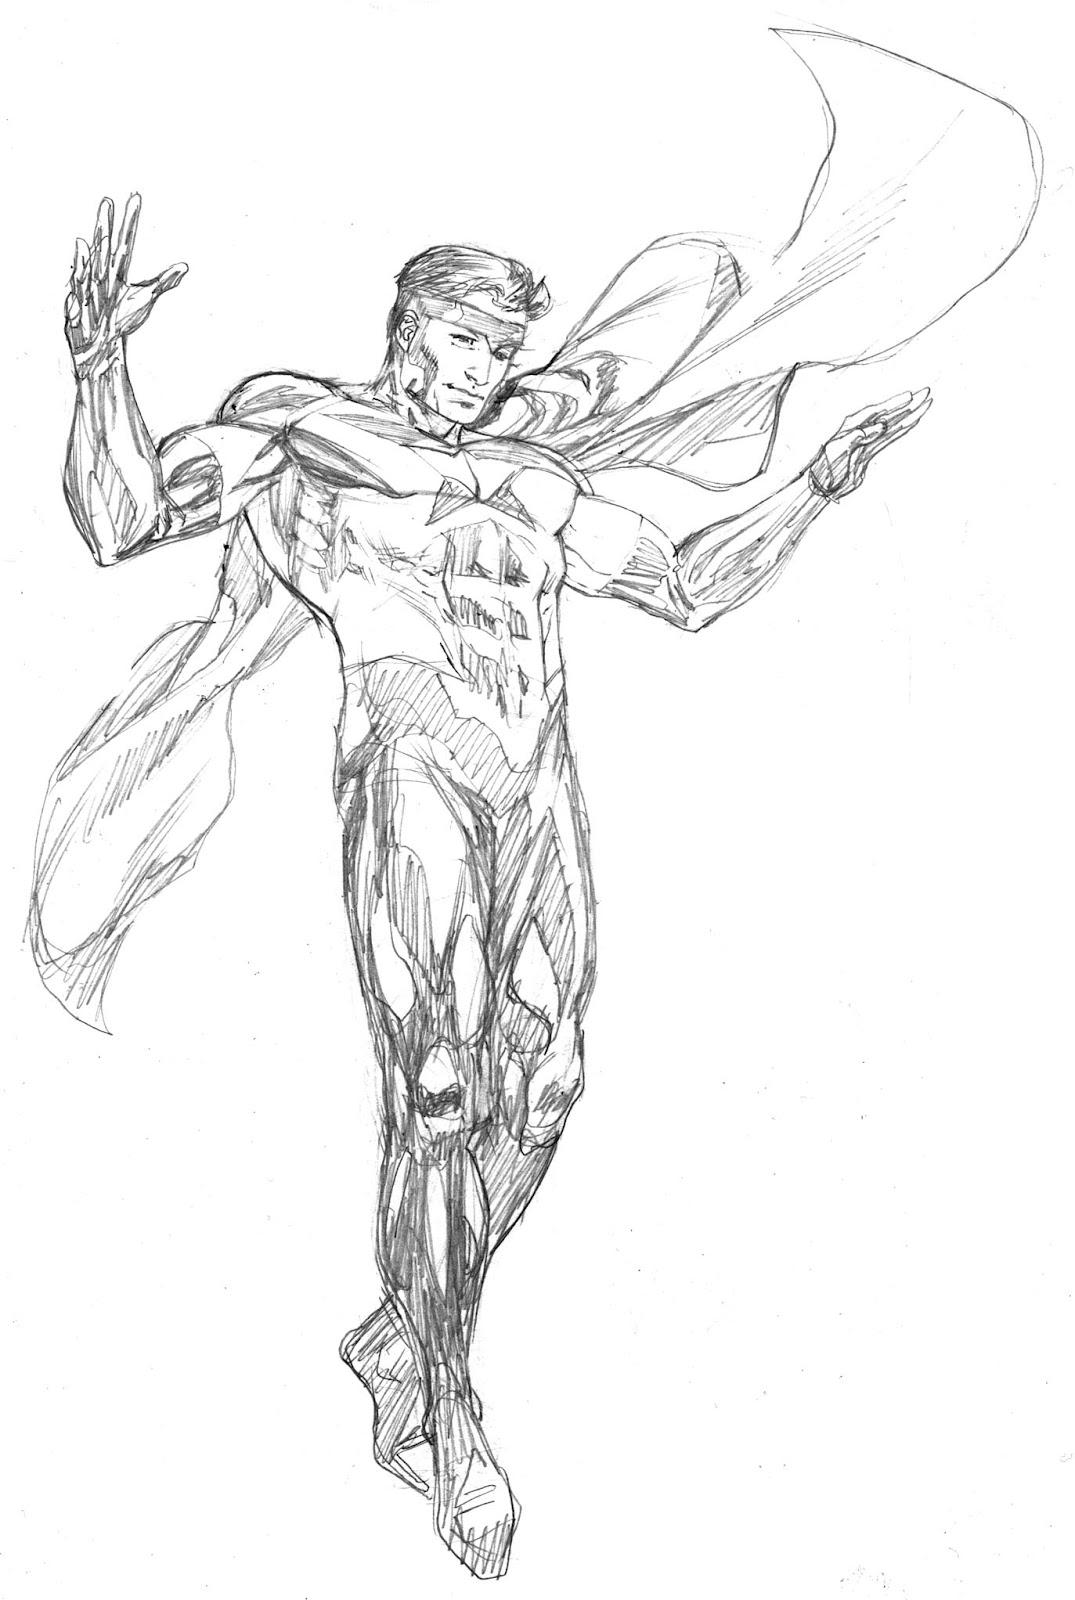 Robert Atkins Art: Avengers April Justice Pencils....